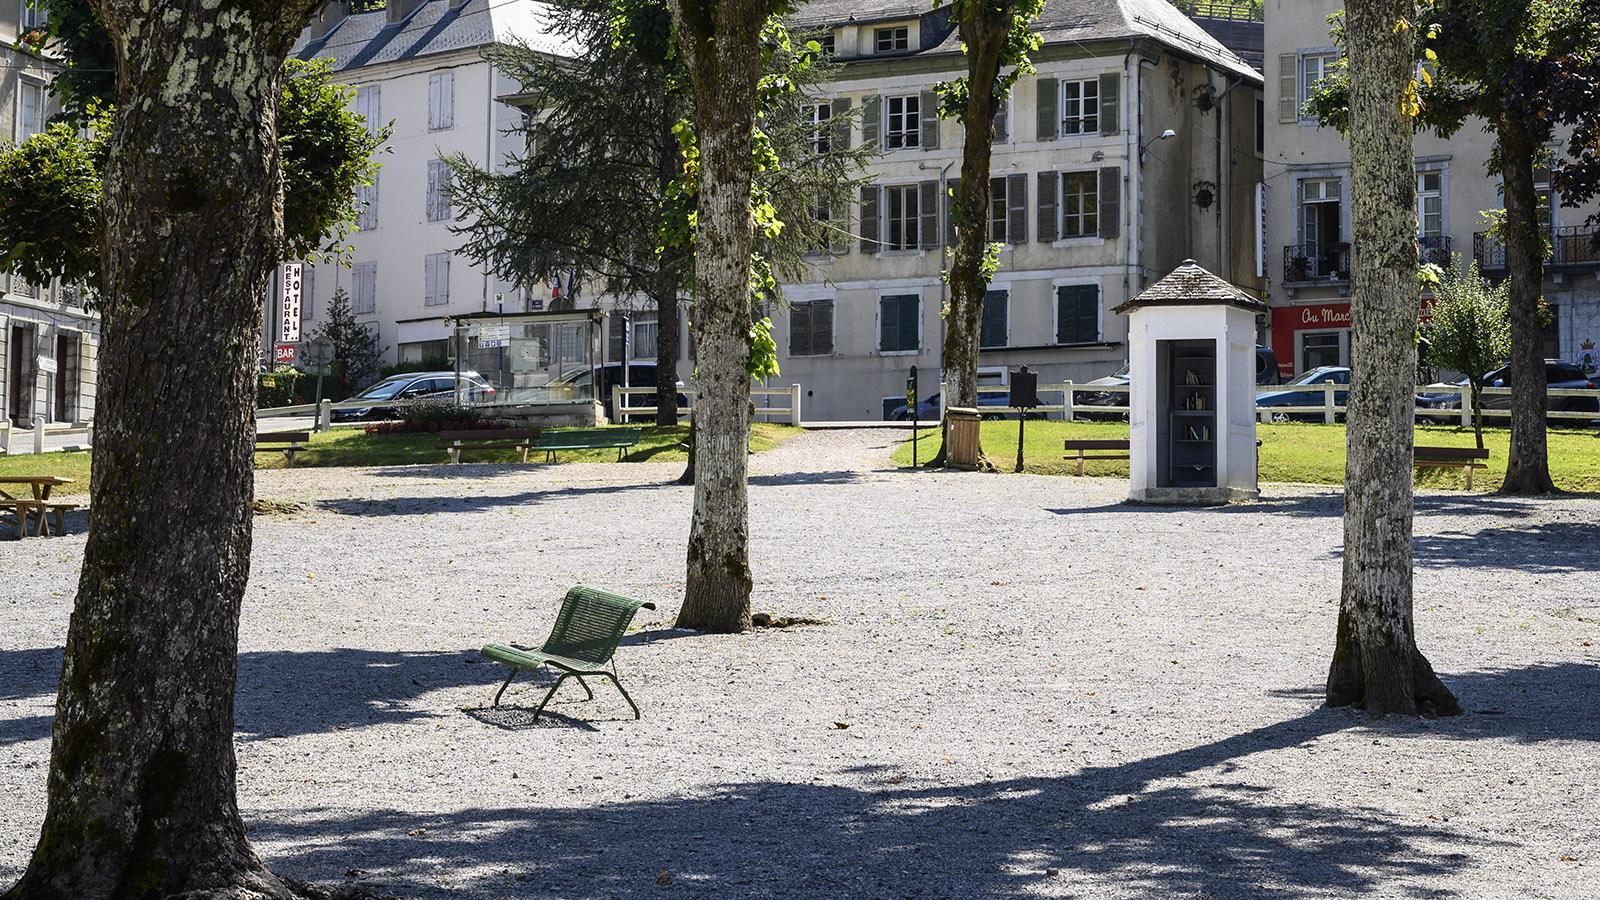 Foto: Hilke Maunder